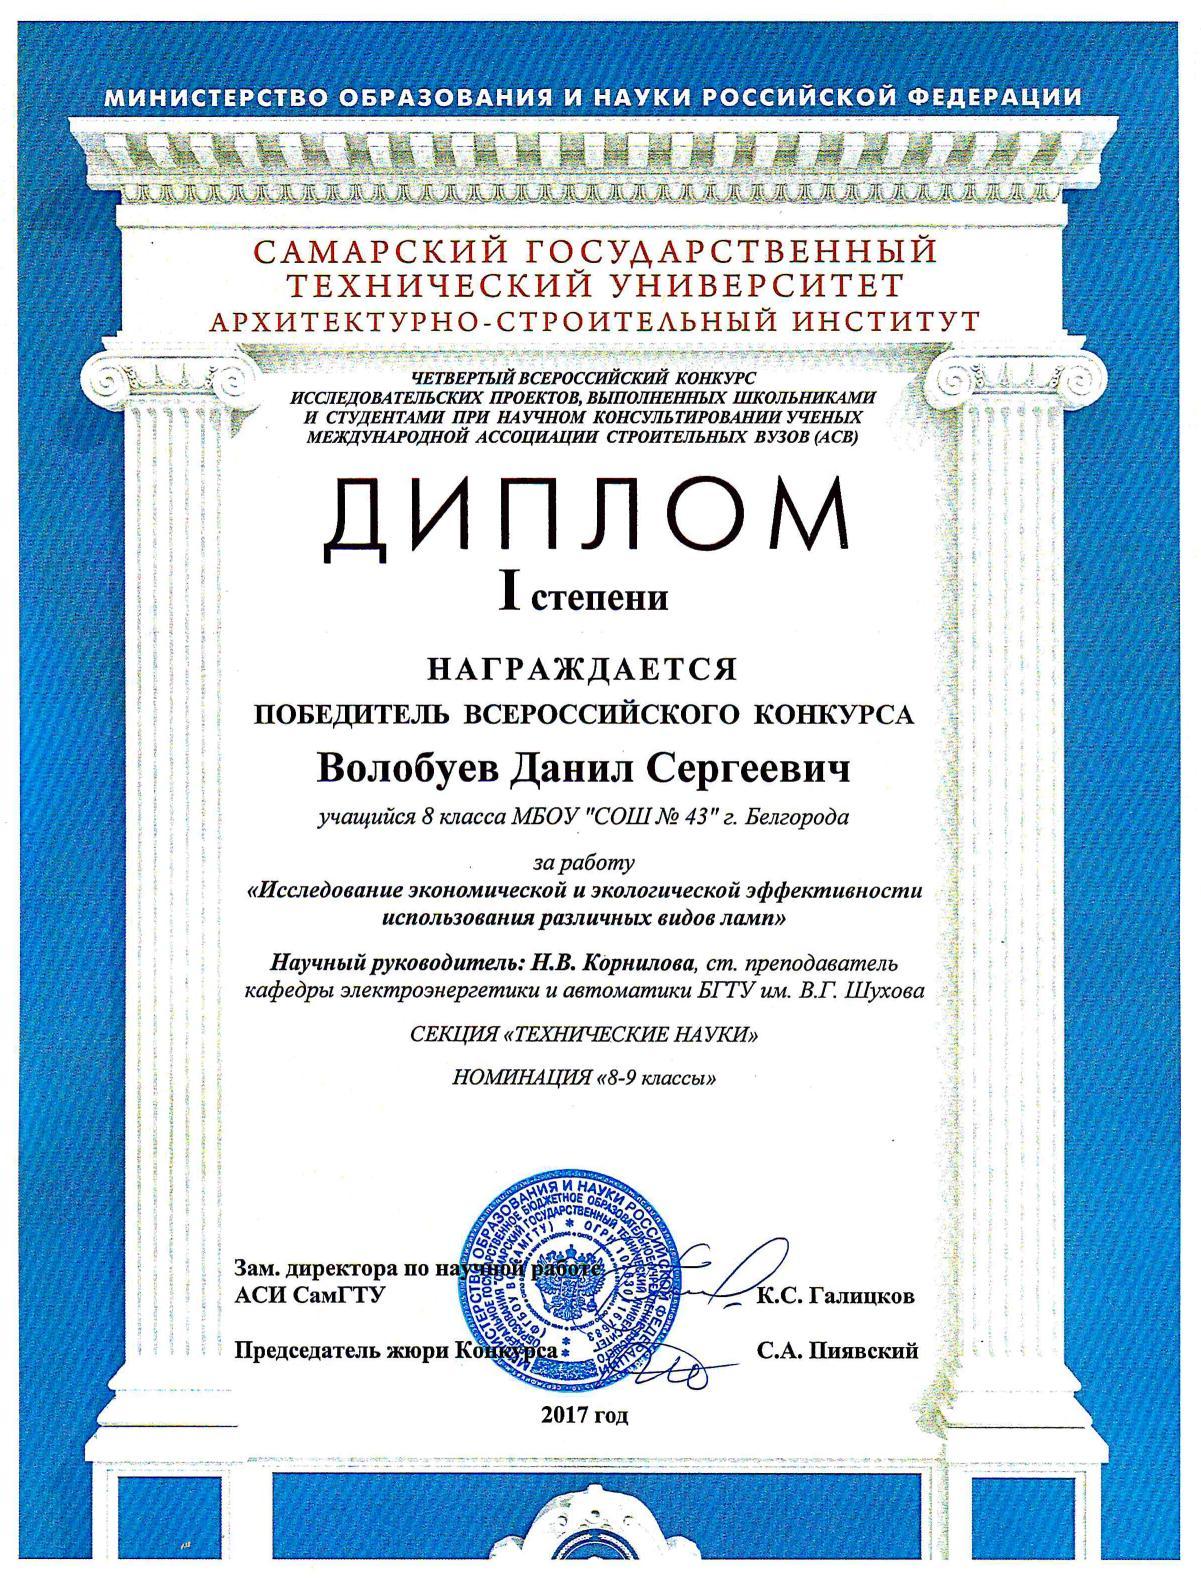 Всероссийский конкурс исследовательских проектов выполненных